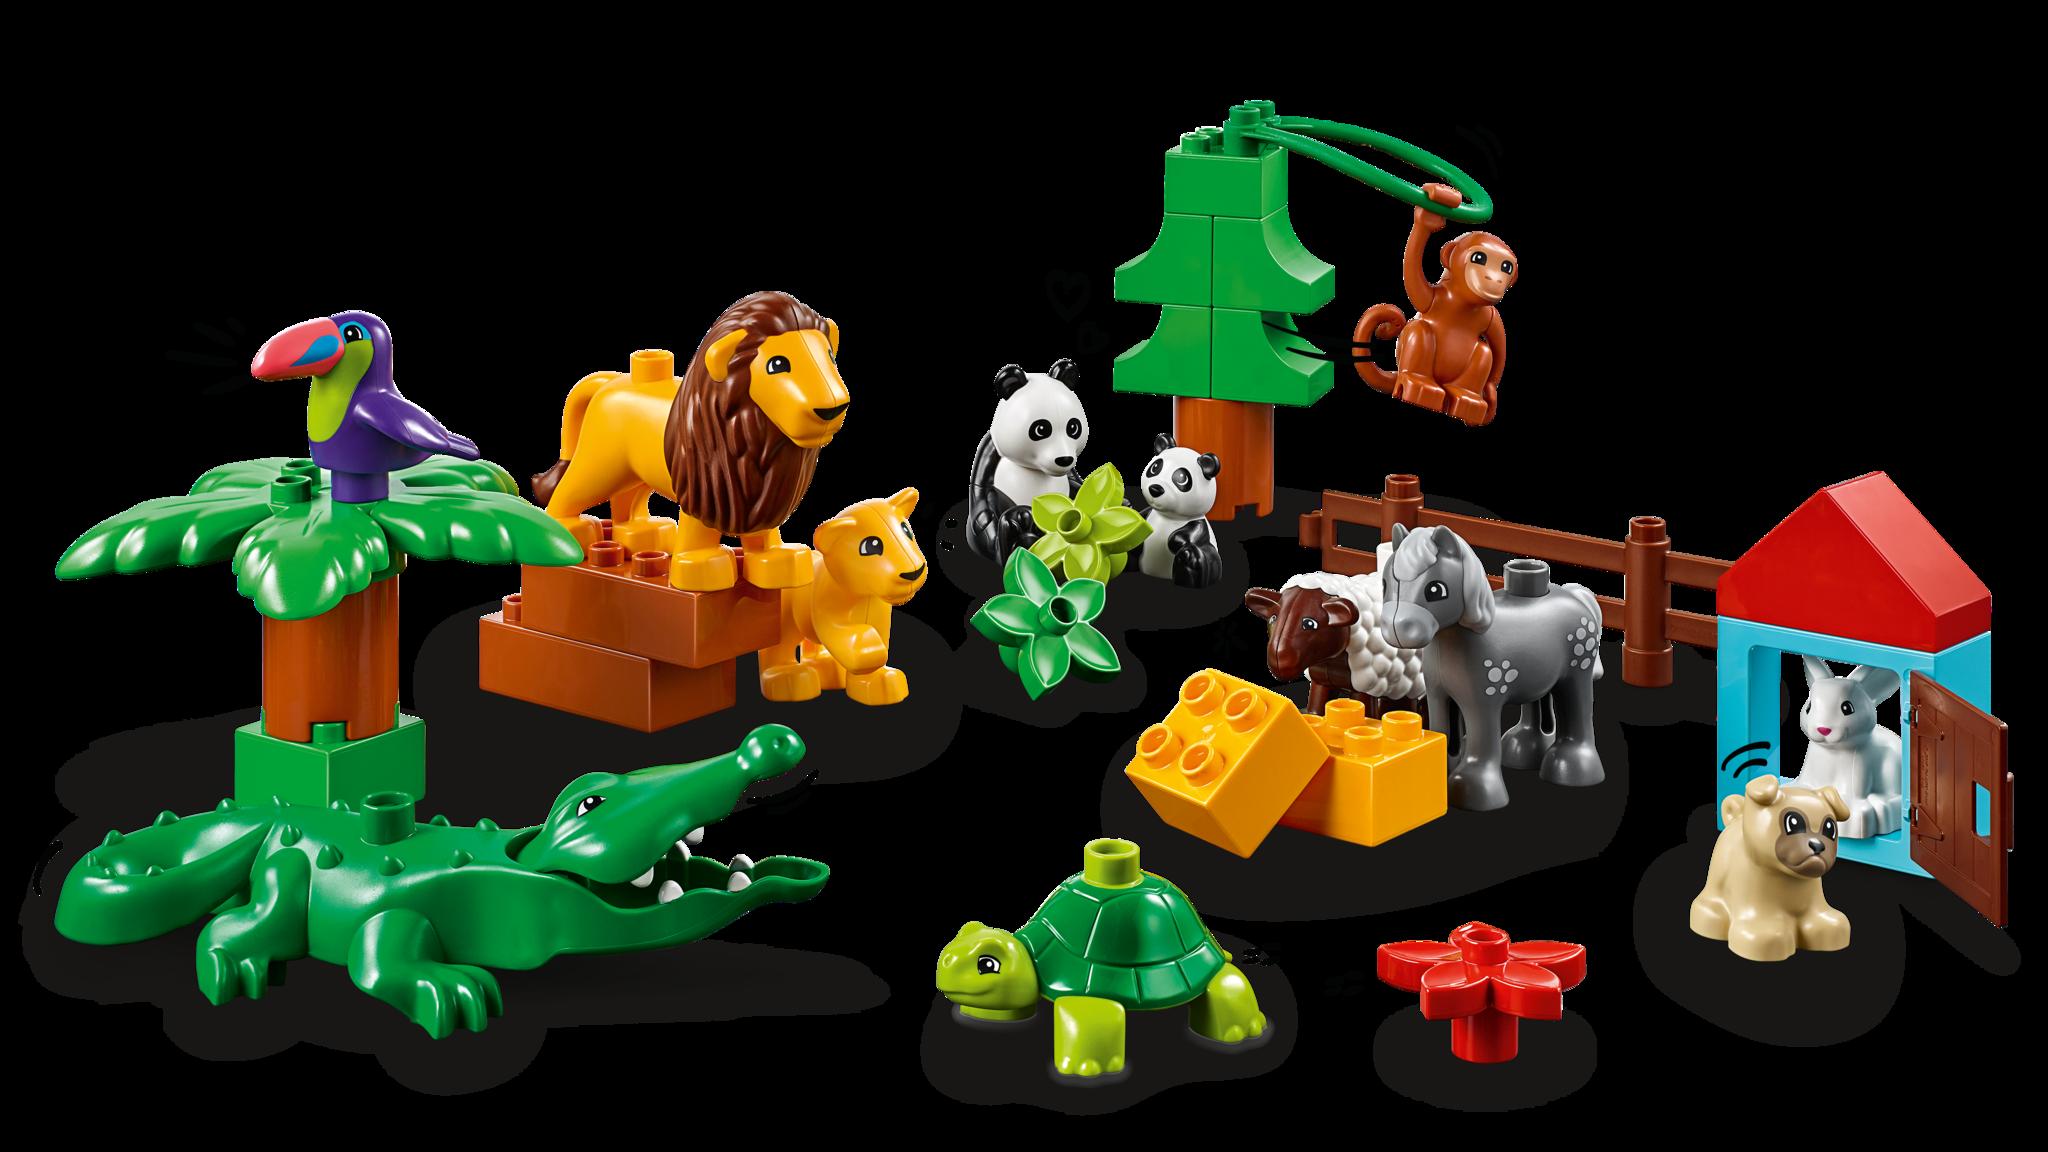 LEGO DUPLO Animals around the world XL set - KinderSpell